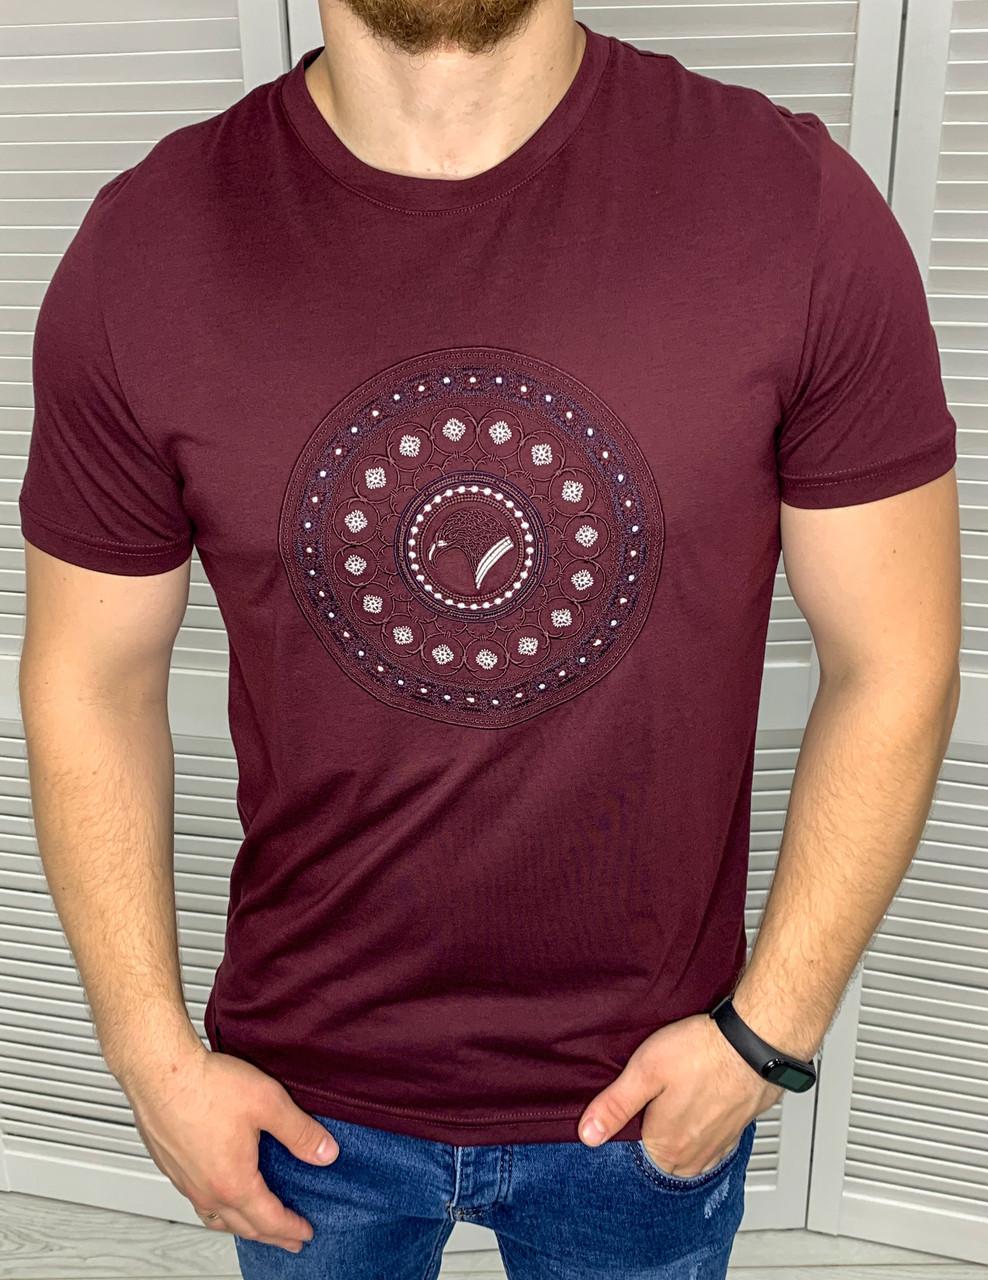 Мужская футболка брендовая Stefano Ricci Бордовая, стильная футболка Идеальная посадка с круглым вырезом